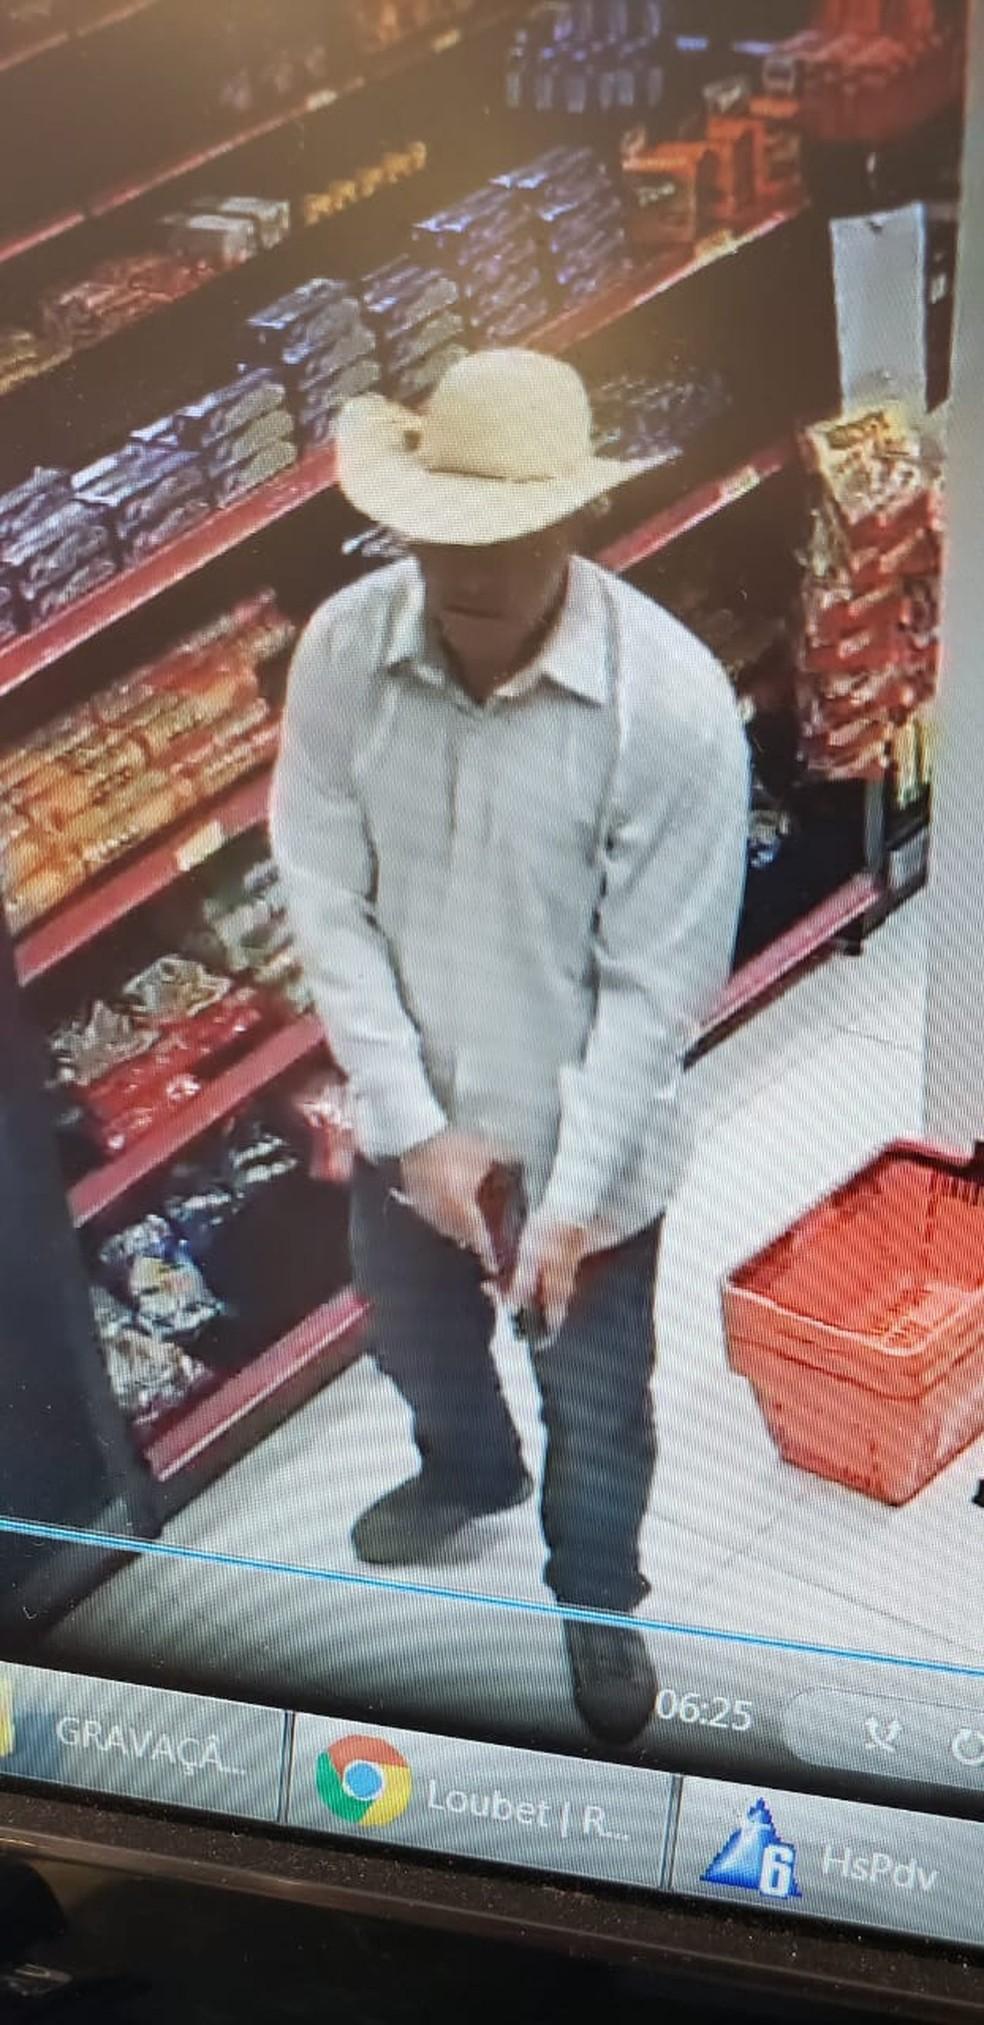 Bandido armado e com chapéu em ação criminosa em MS — Foto: Polícia Militar/Divulgação